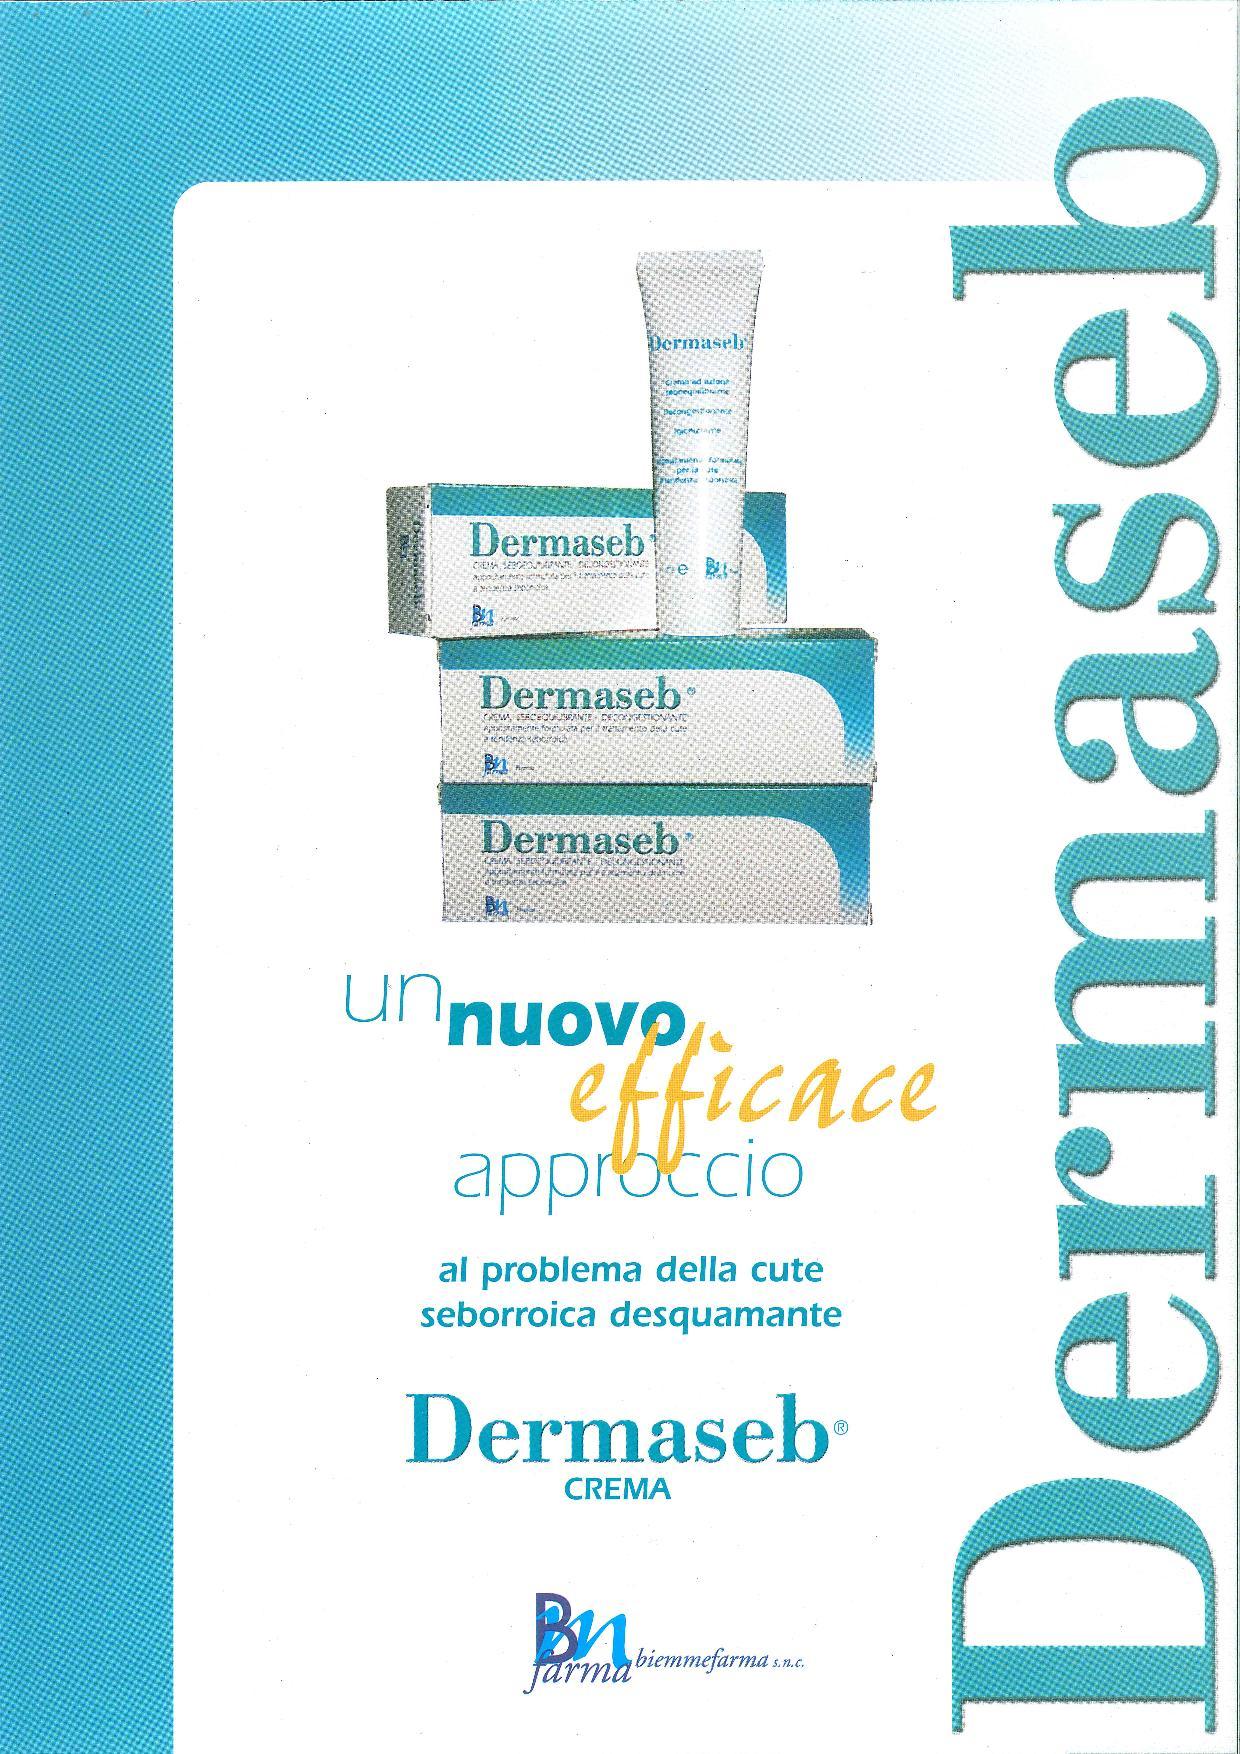 Dermaseb-page-001